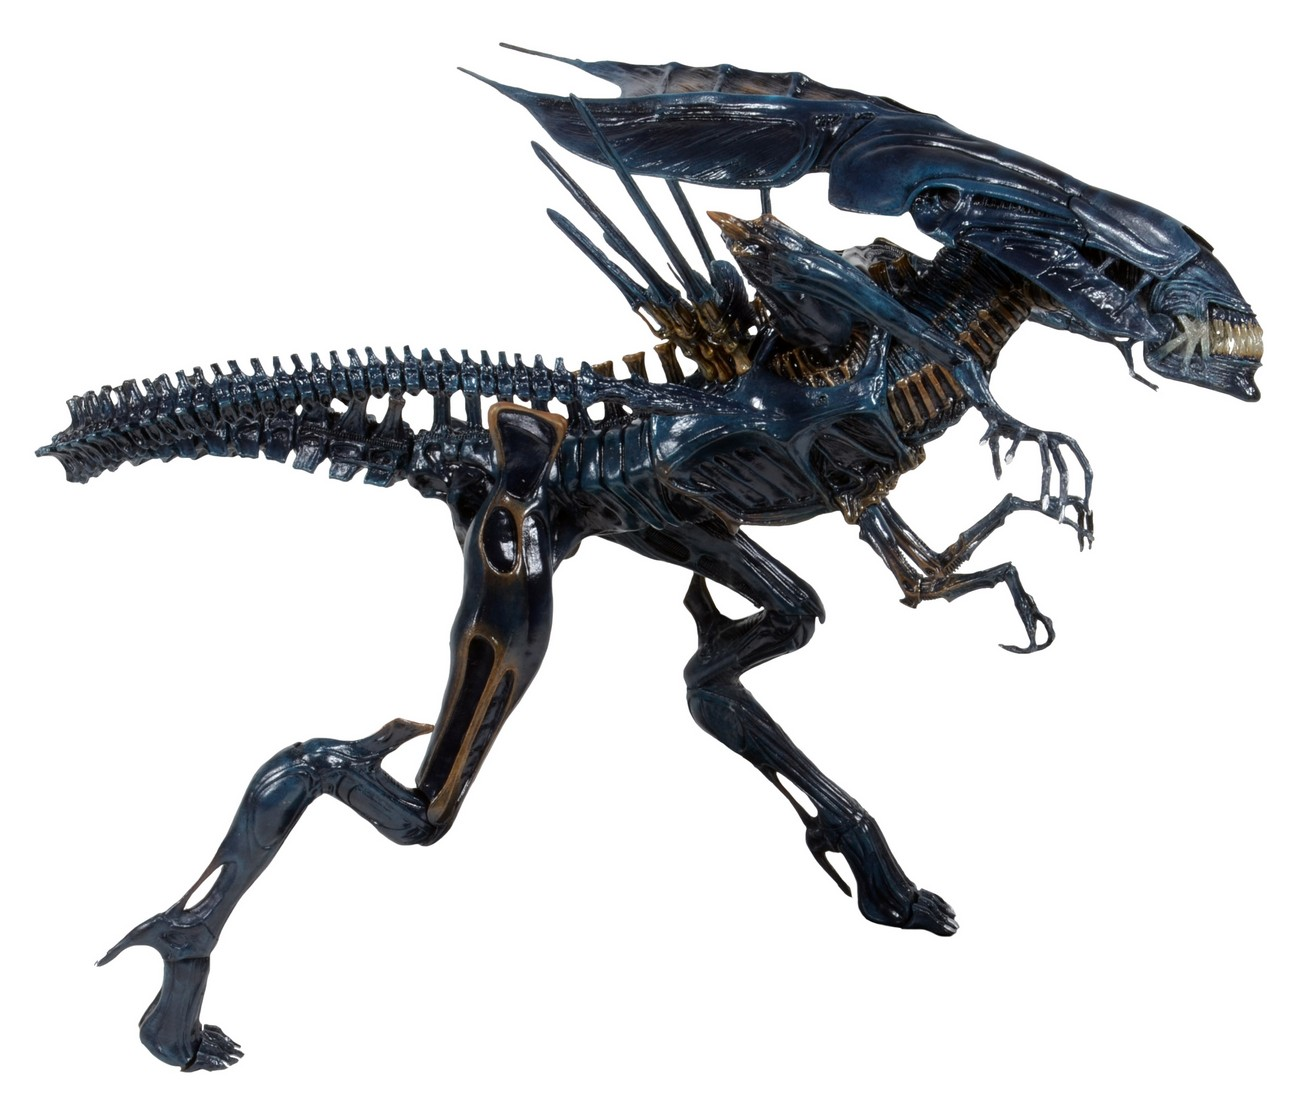 NECA Ultra Deluxe Boxed Action Figure Aliens Xenomorph Alien Queen